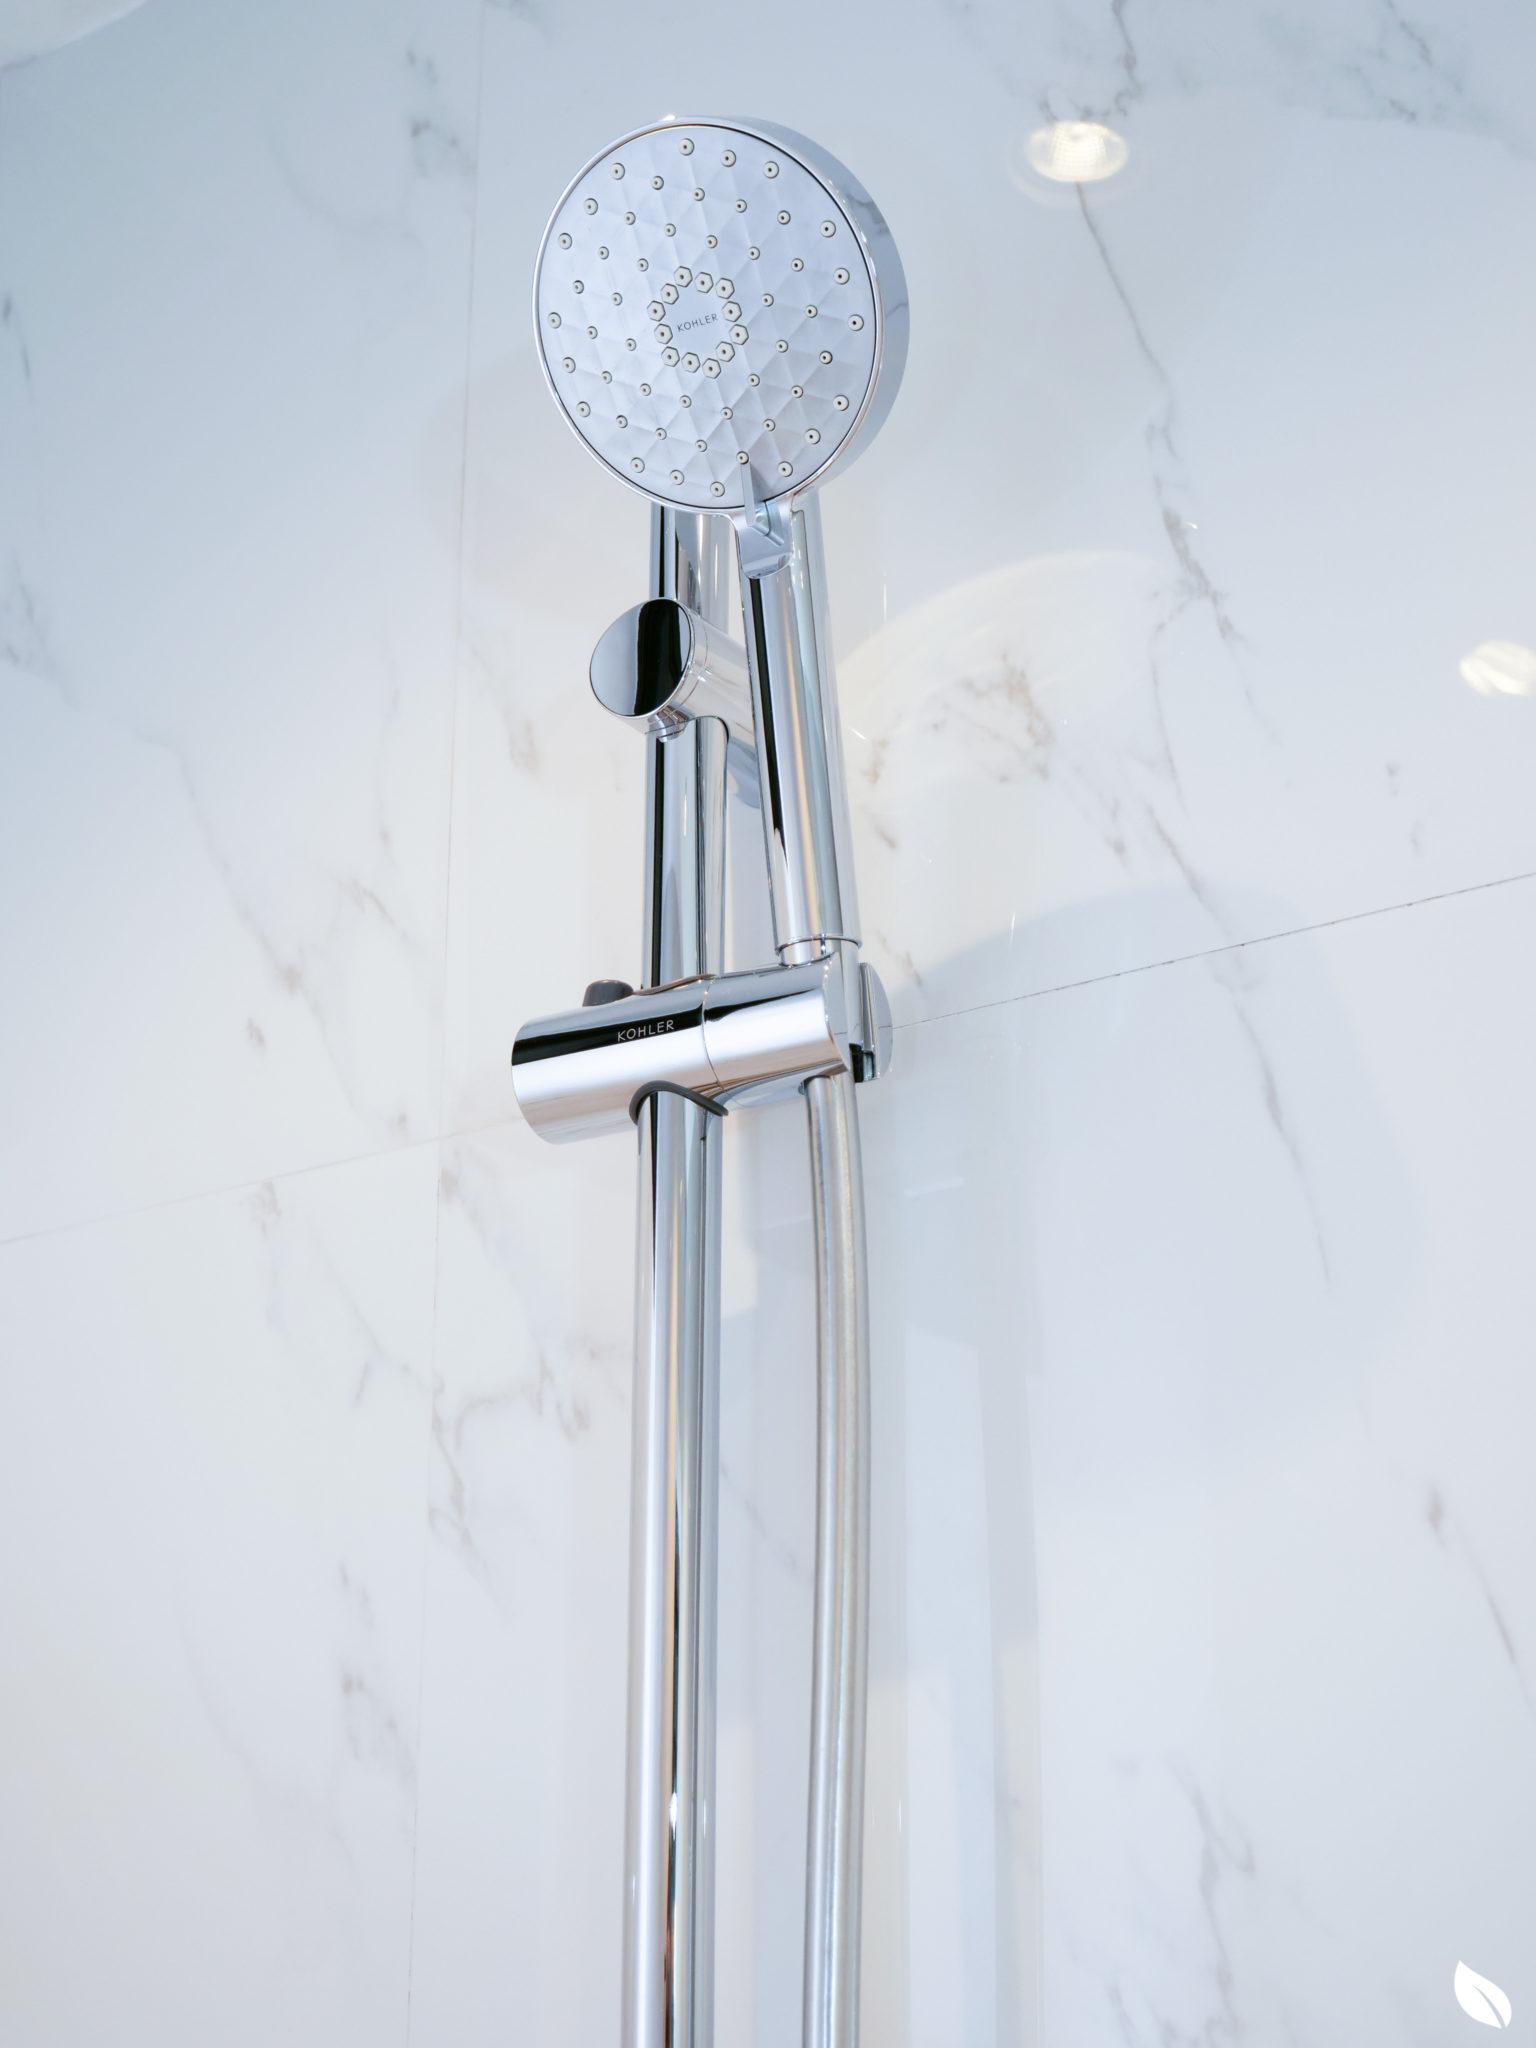 """4 ขั้นตอน """"รีโนเวทห้องน้ำขนาดเล็ก"""" ให้สวยใหม่ จบงานไวใน 2 วัน แบบปูกระเบื้องทับ ไม่ต้องรื้อ 68 - bathroom"""